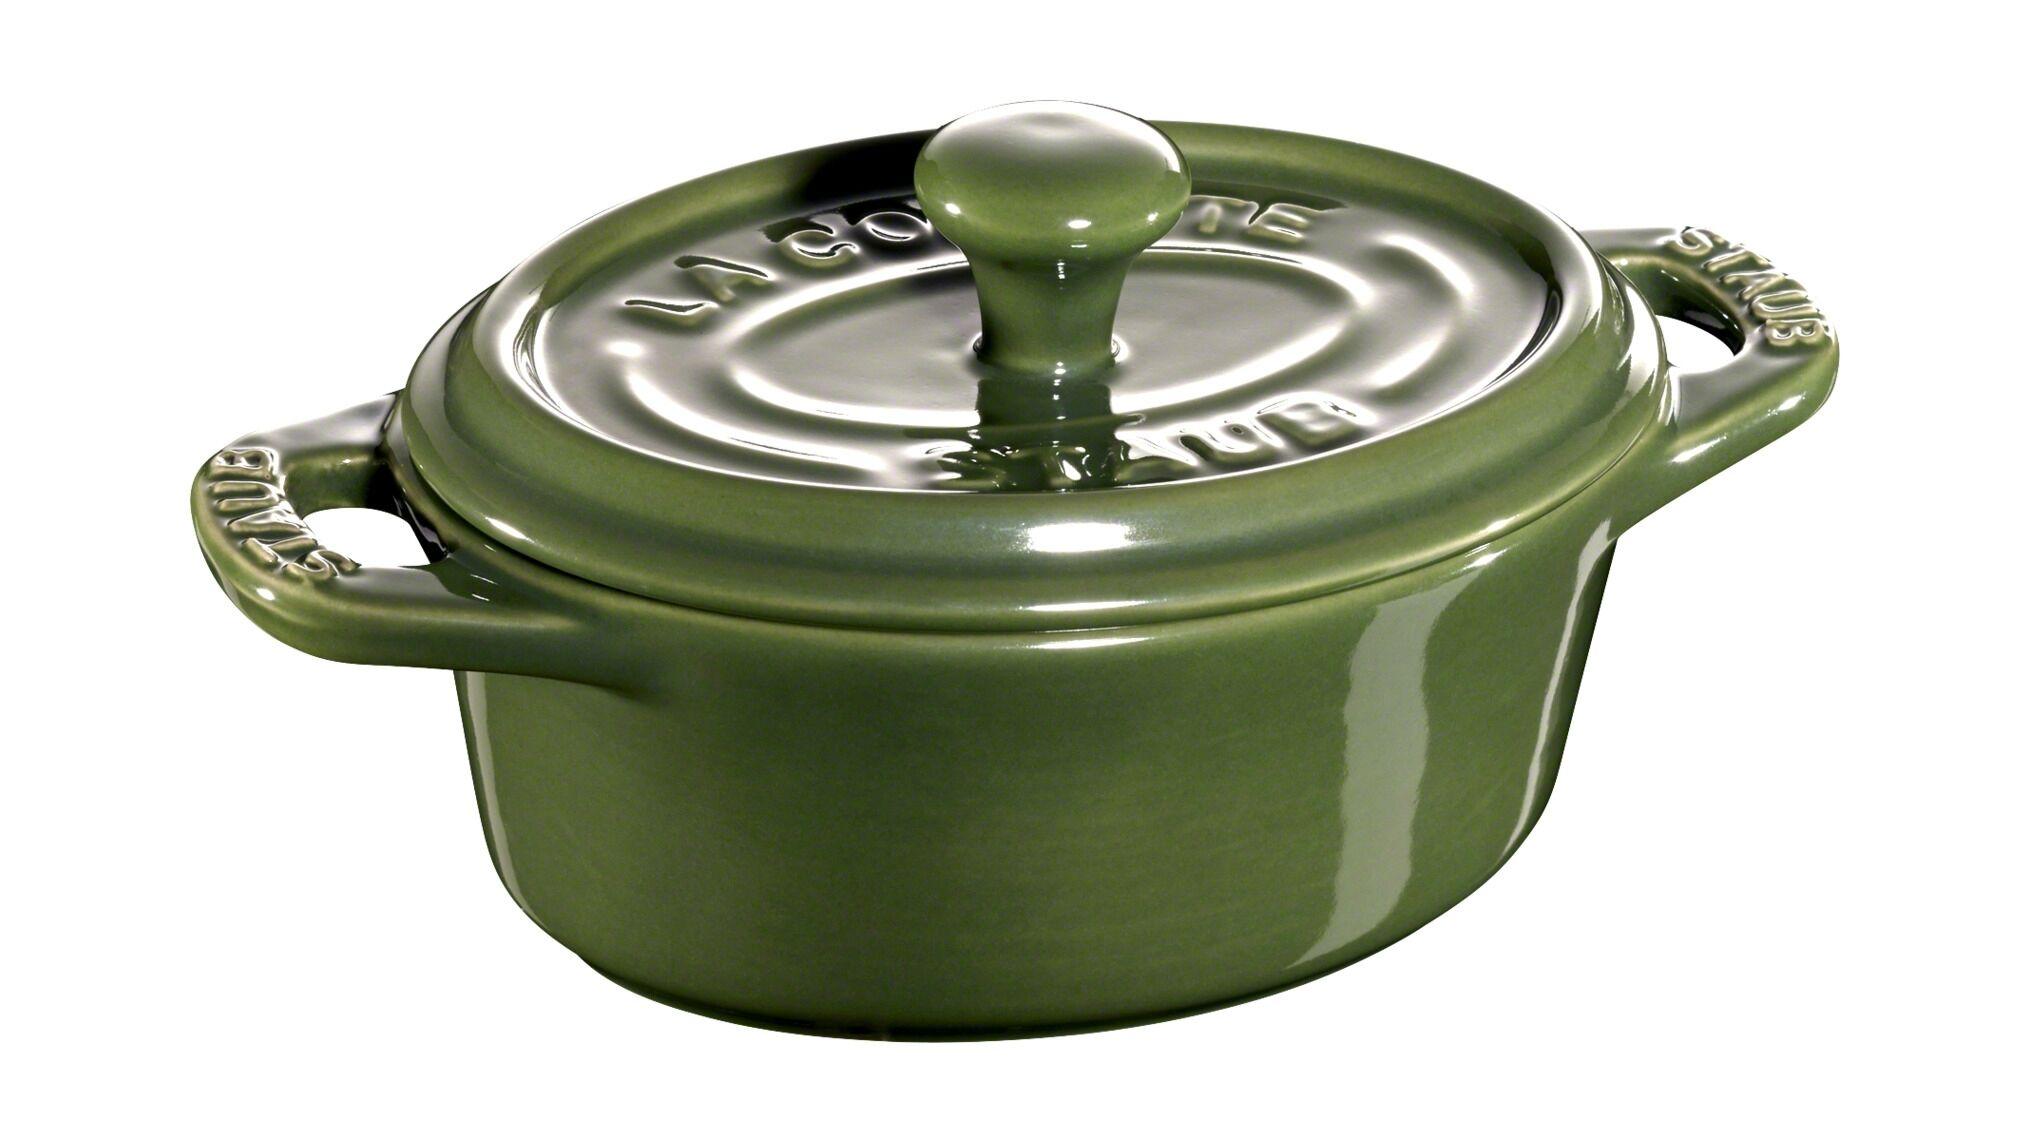 Staub Cocotte 11 grøn, Mini cocotter i stentøj, 0,2 l, Basilikumgrøn